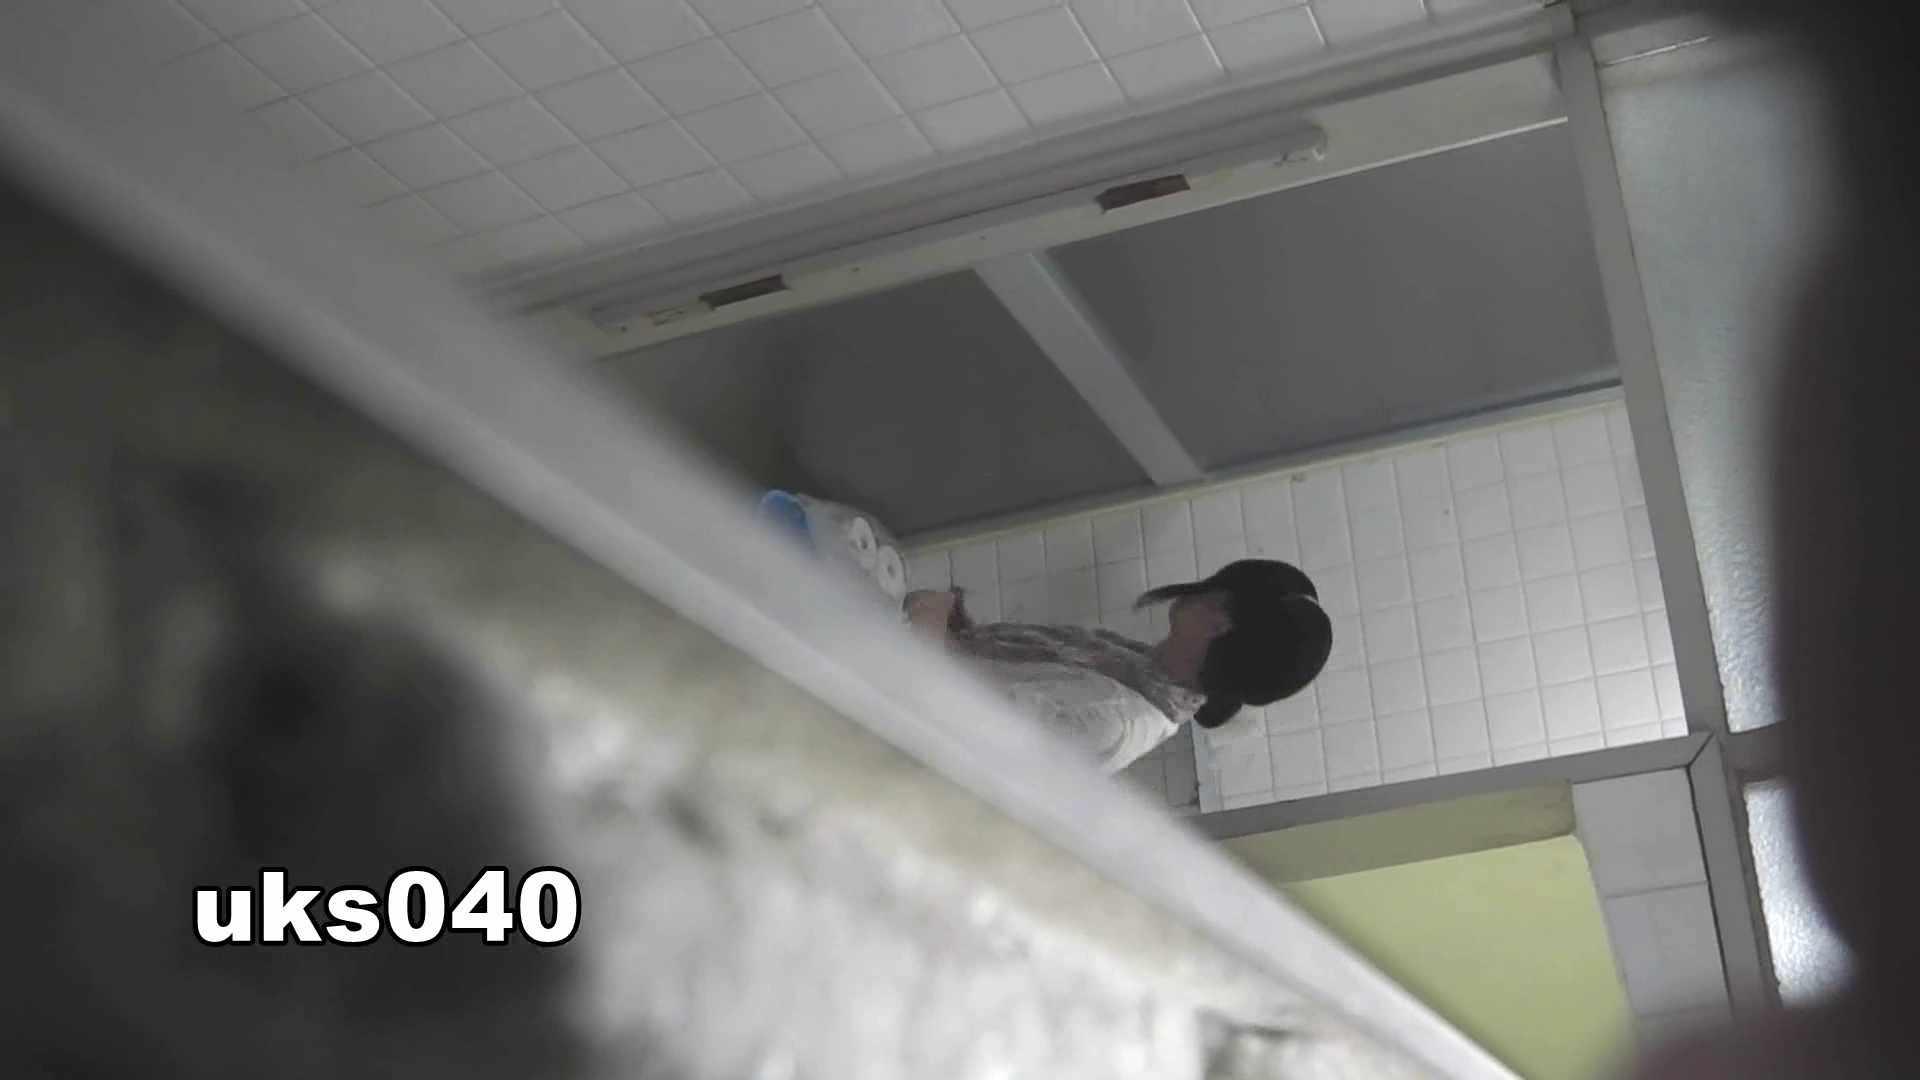 【美しき個室な世界】 vol.040 出て行かれる時の清楚姿撮り 高画質  88PIX 10